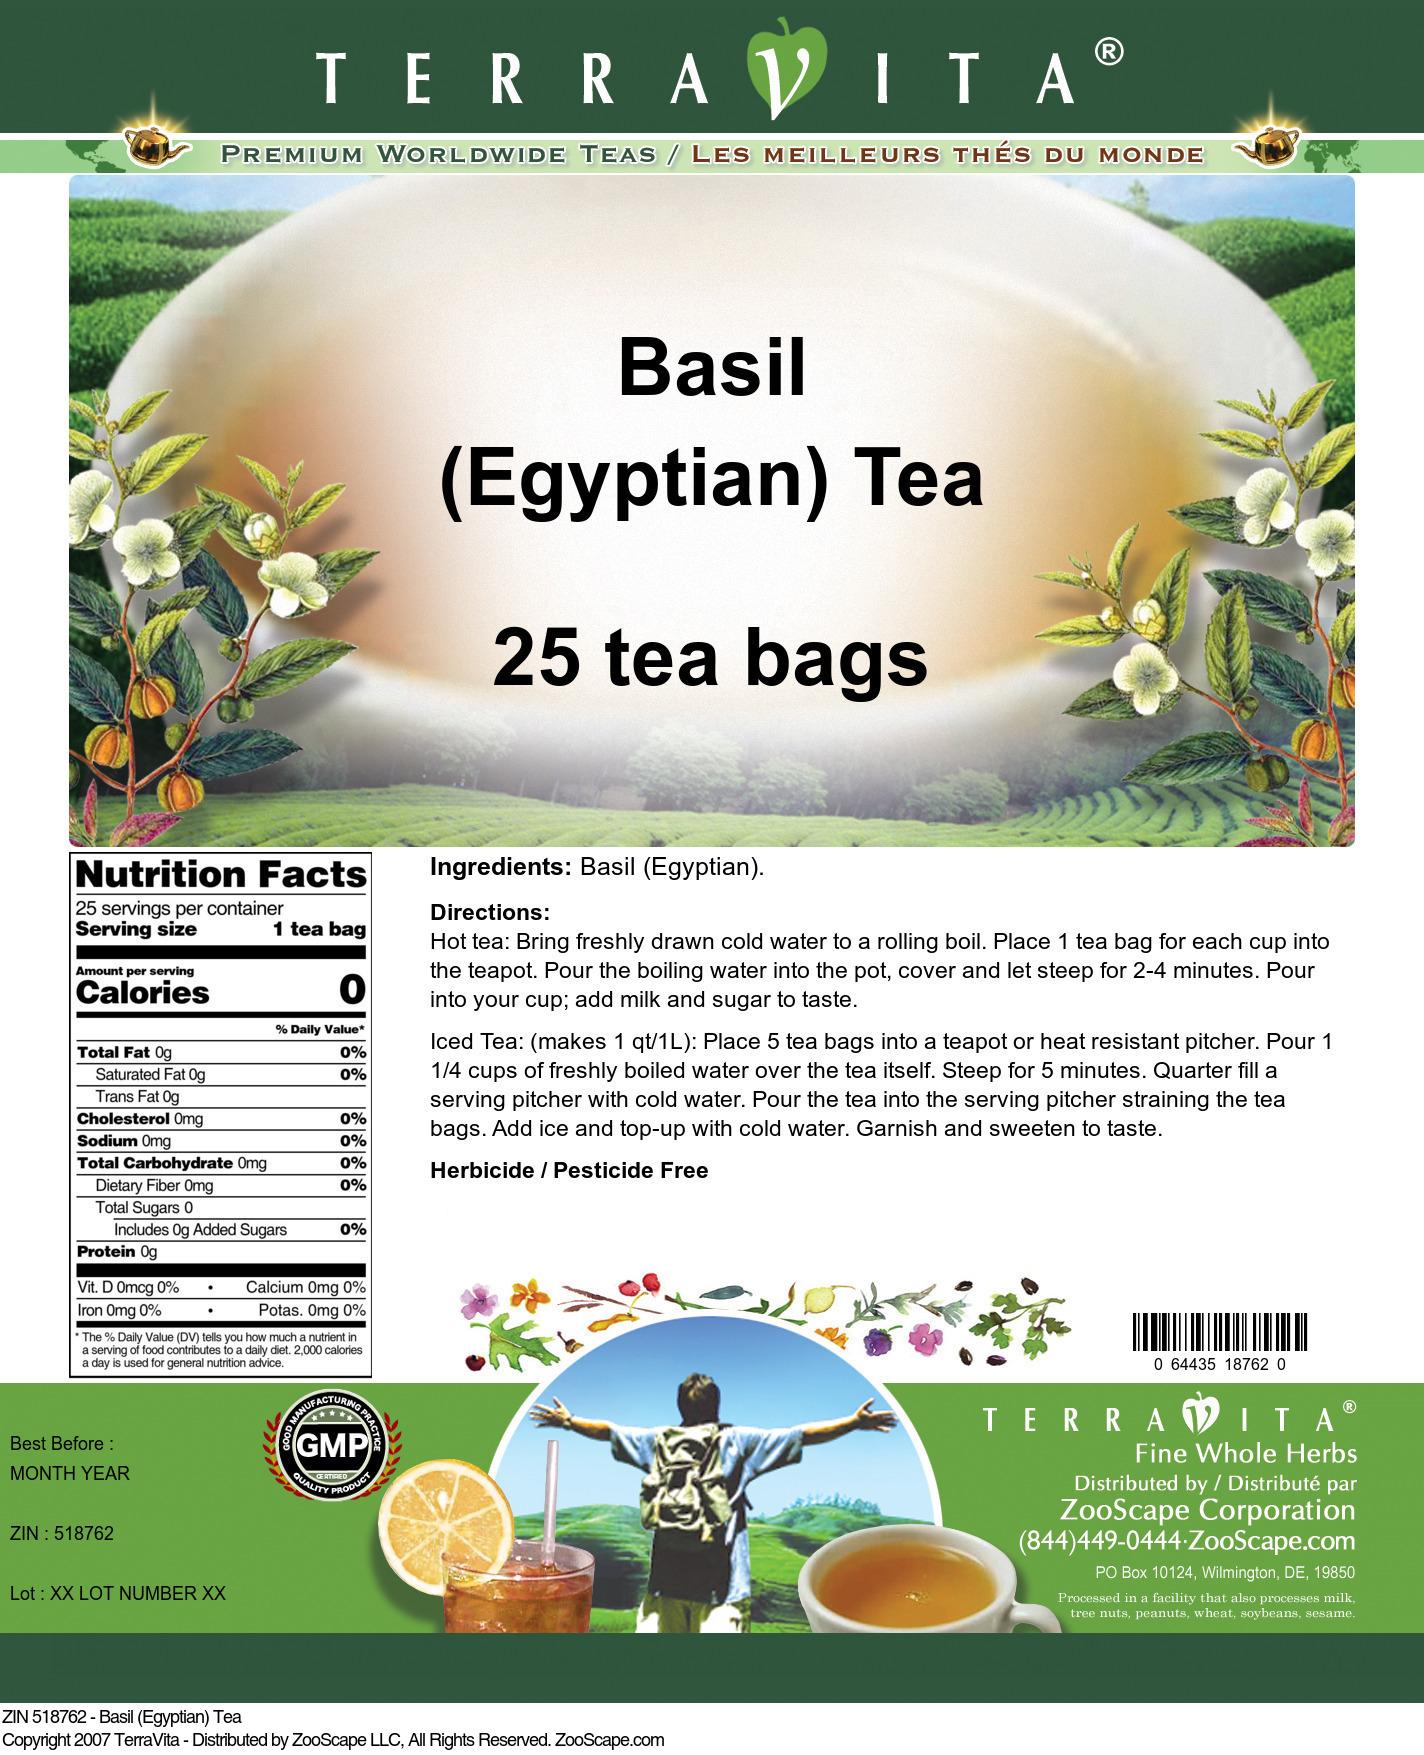 Basil (Egyptian) Tea